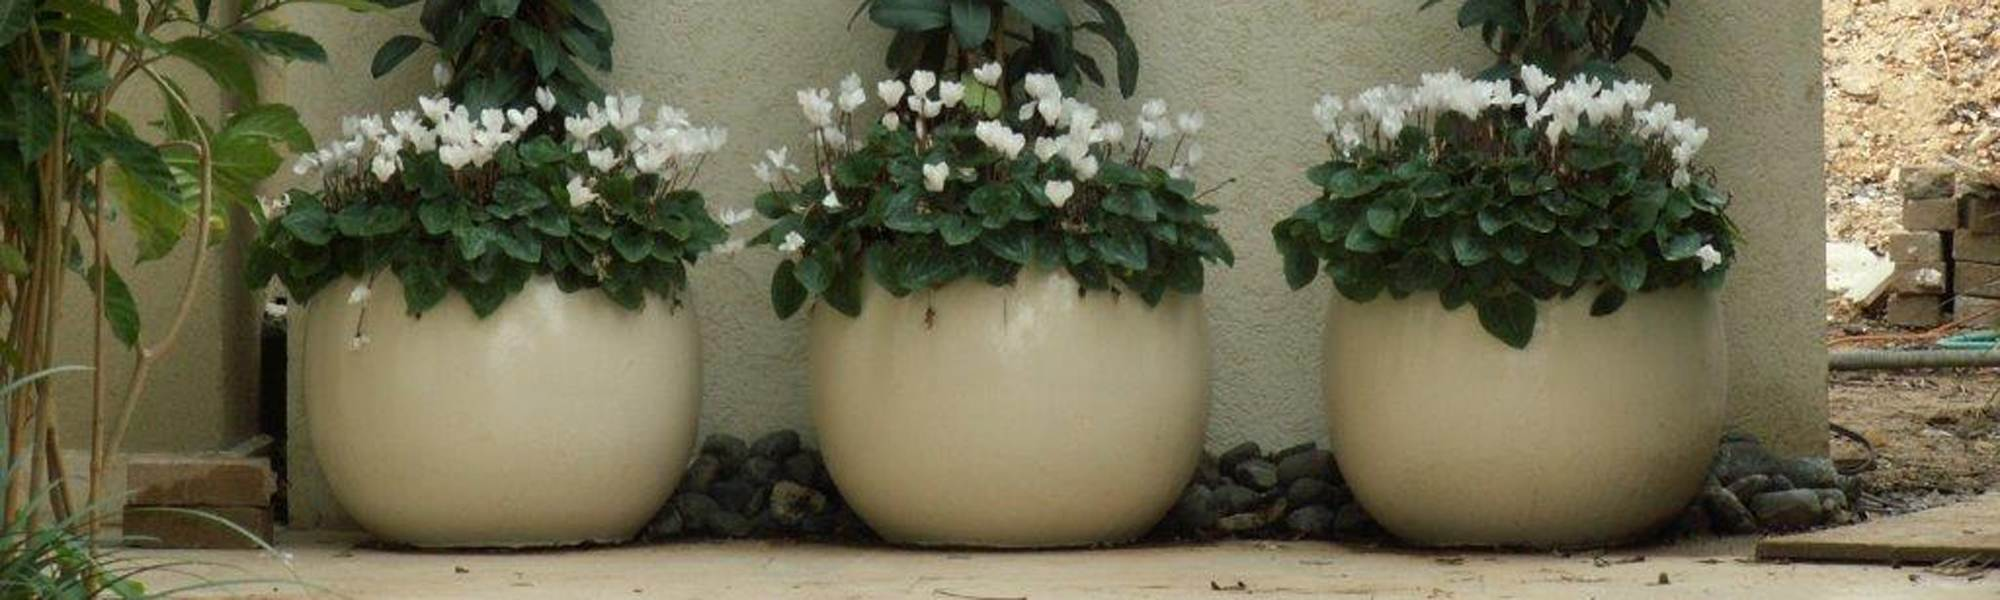 שלושה כדים עגולים עם שיחים ופרחים לבנים